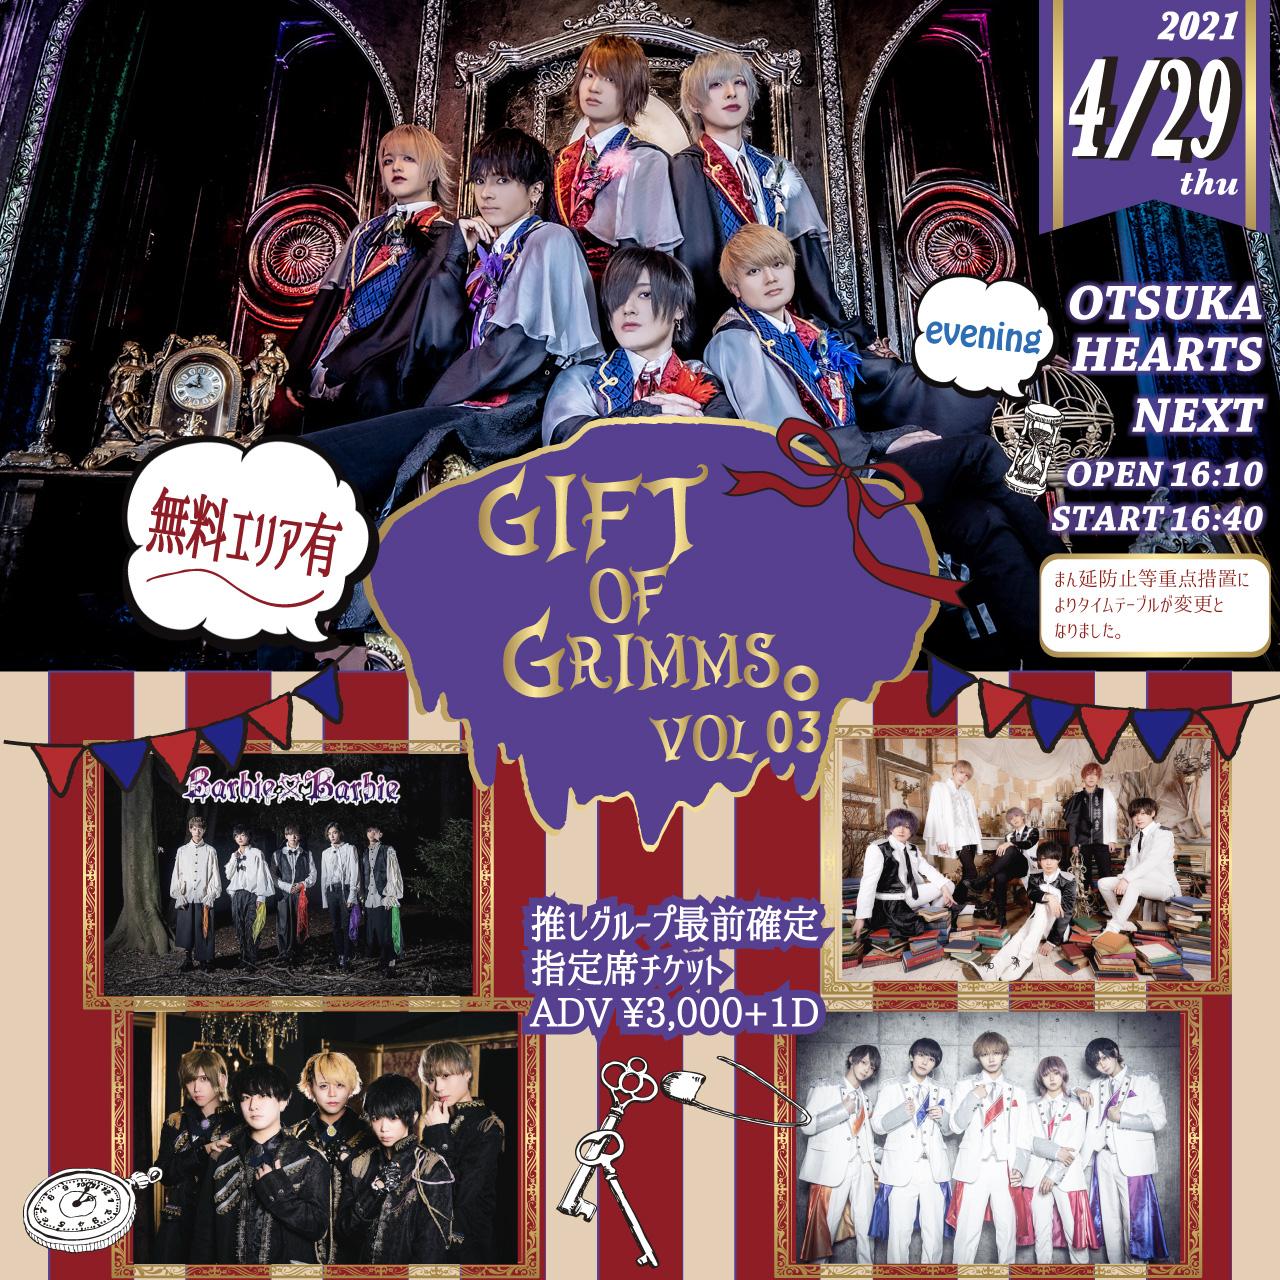 嘘吐Grimms。presents『 Gift of Grimms vol.03-evening-』